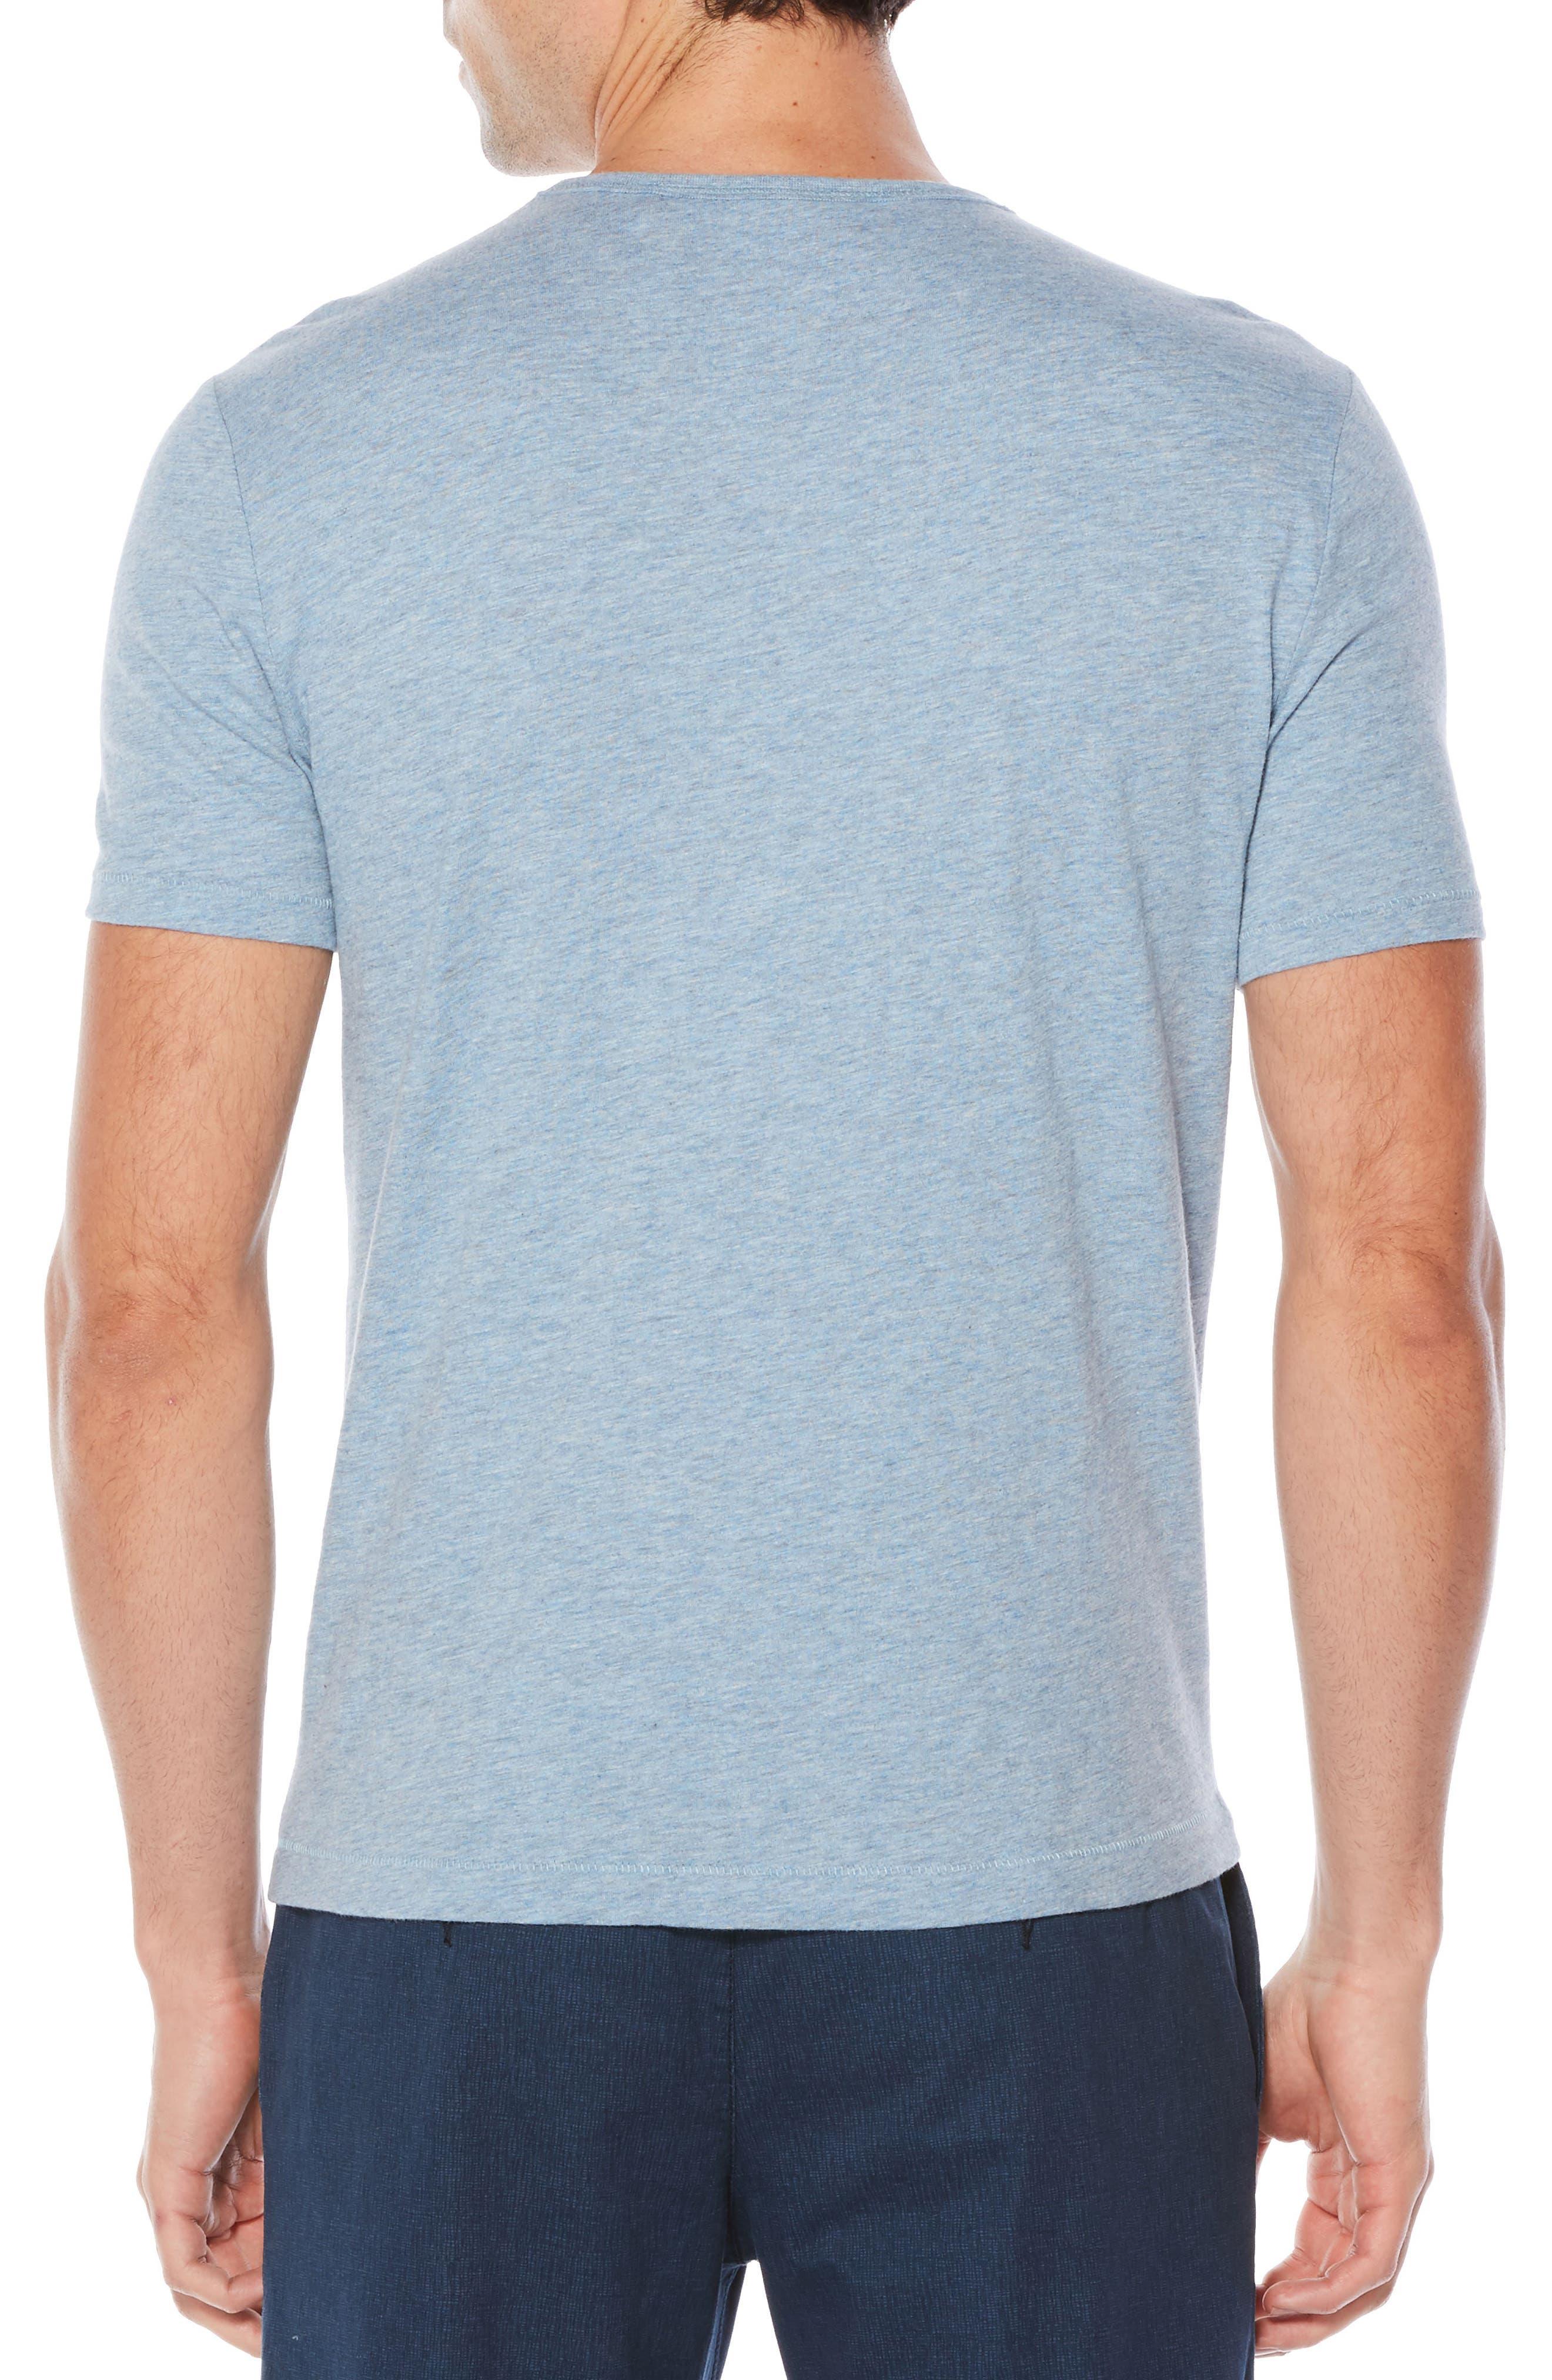 Alternate Image 2  - Original Penguin Bing V-Neck T-Shirt